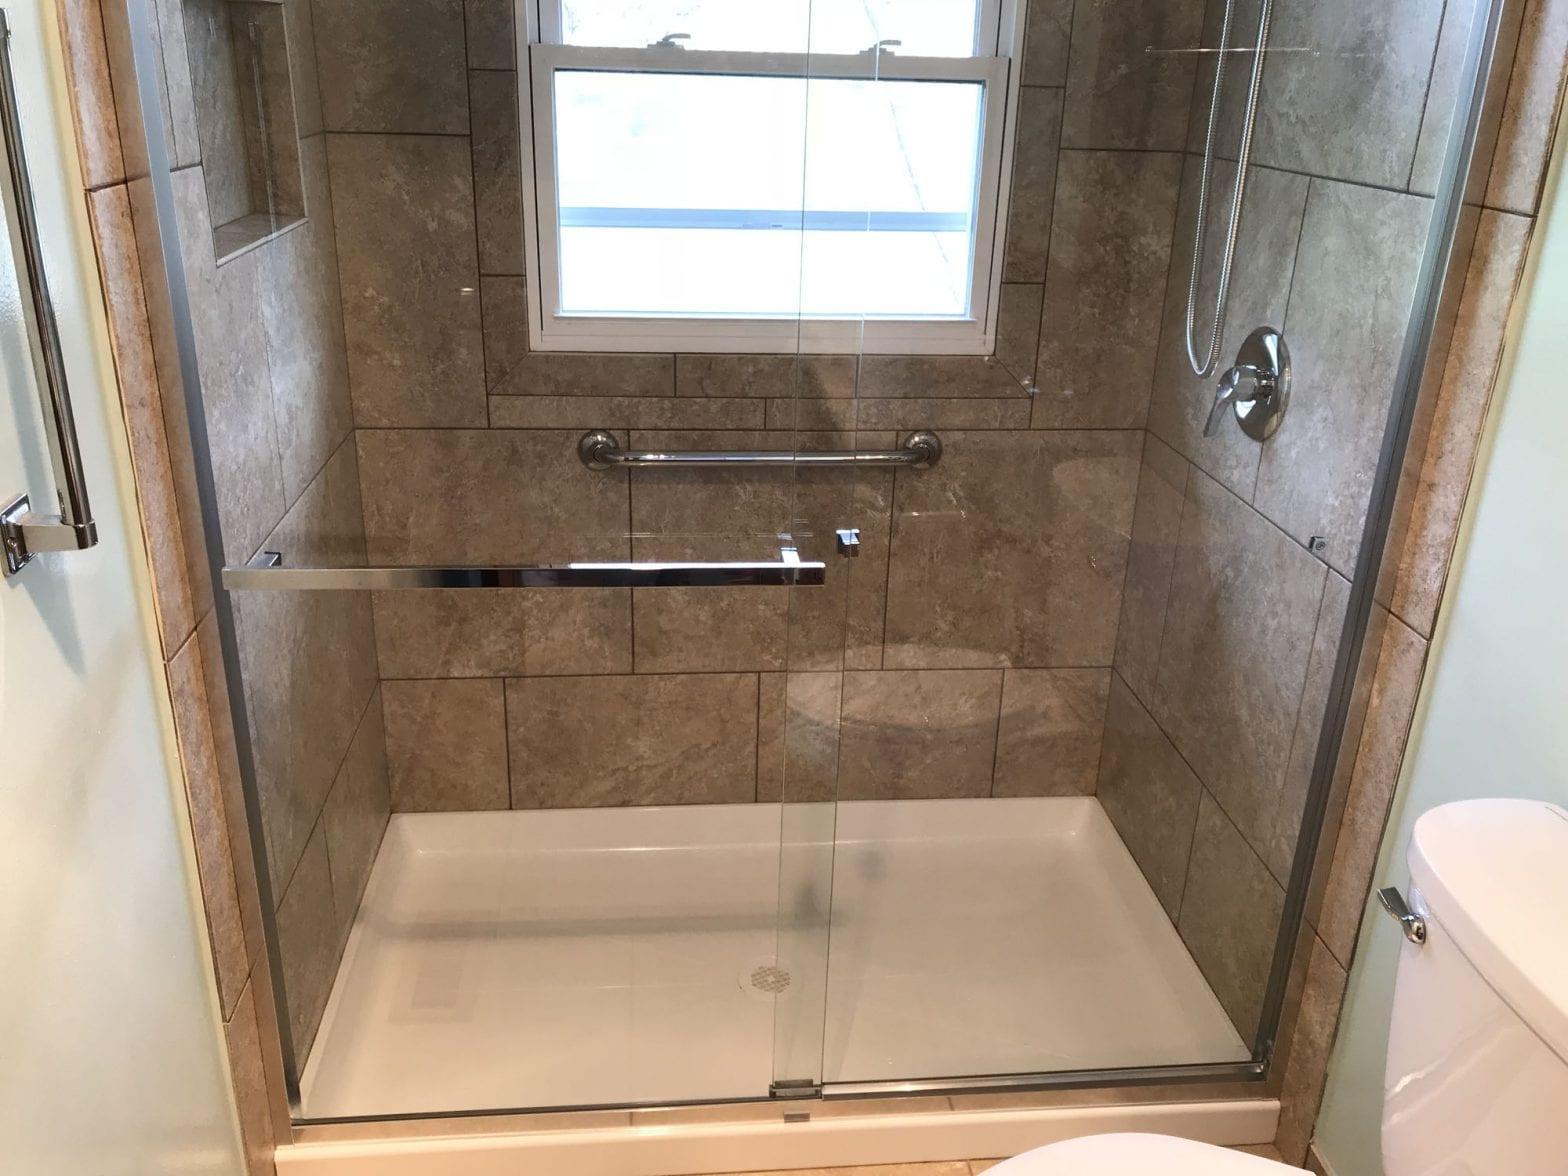 Bathroom remodeling in Schaumburg